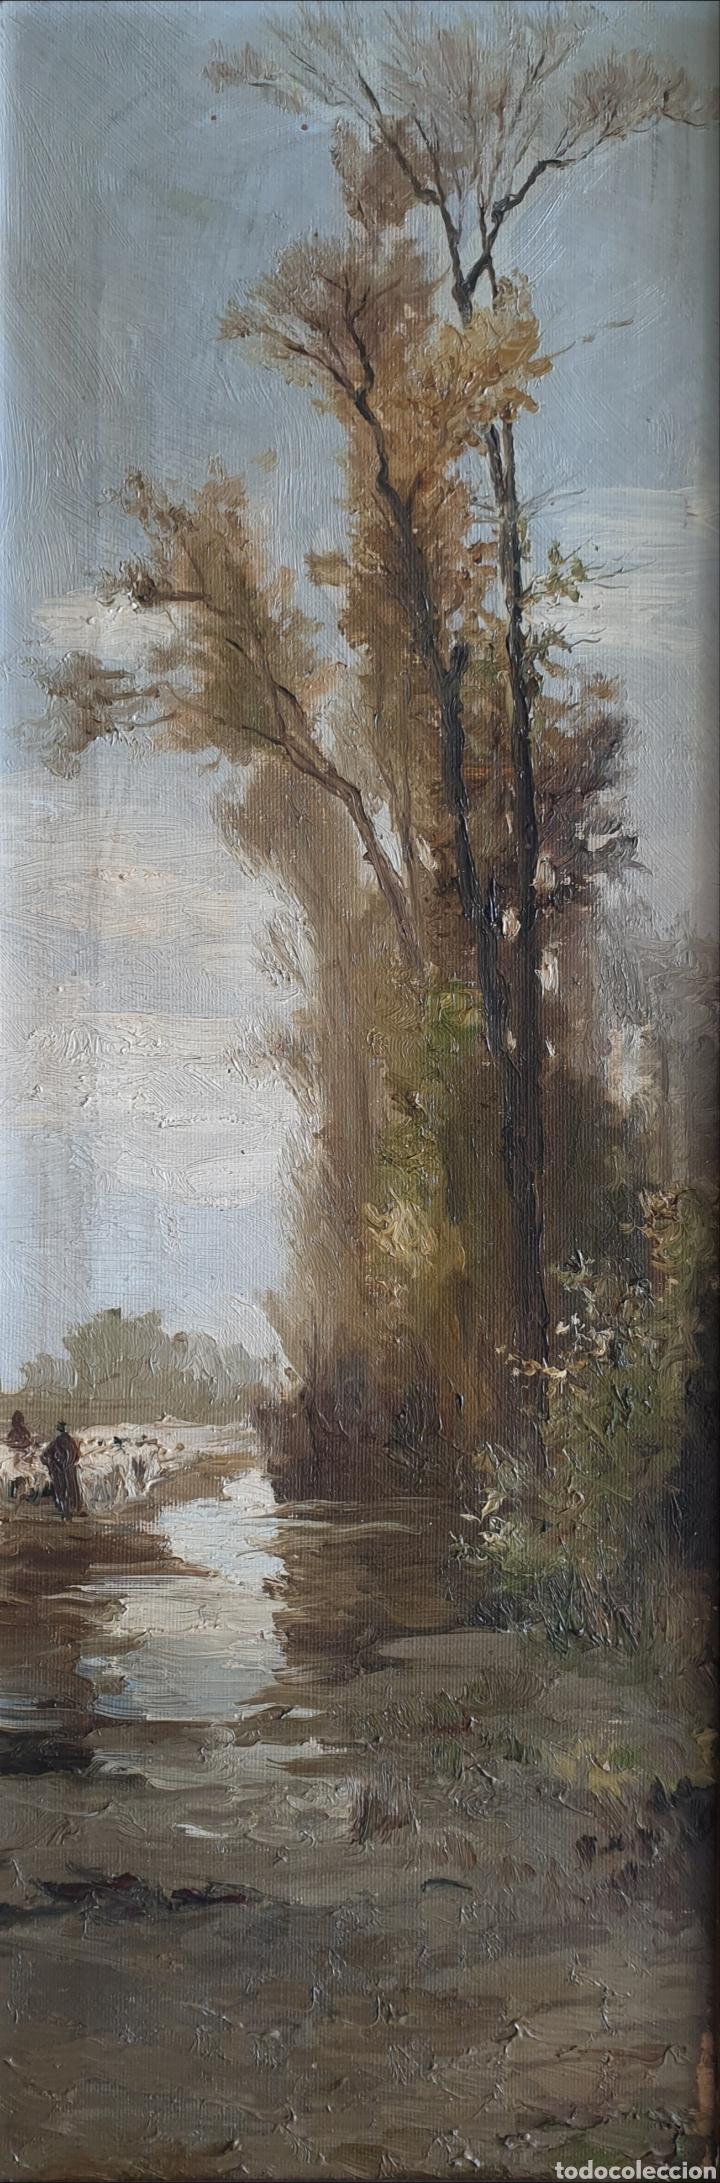 Arte: Escuela Española (XIX) - Paisaje Fluvial con Pastor i Rebaño.Oleo/Tela.Anónimo. - Foto 2 - 262957535